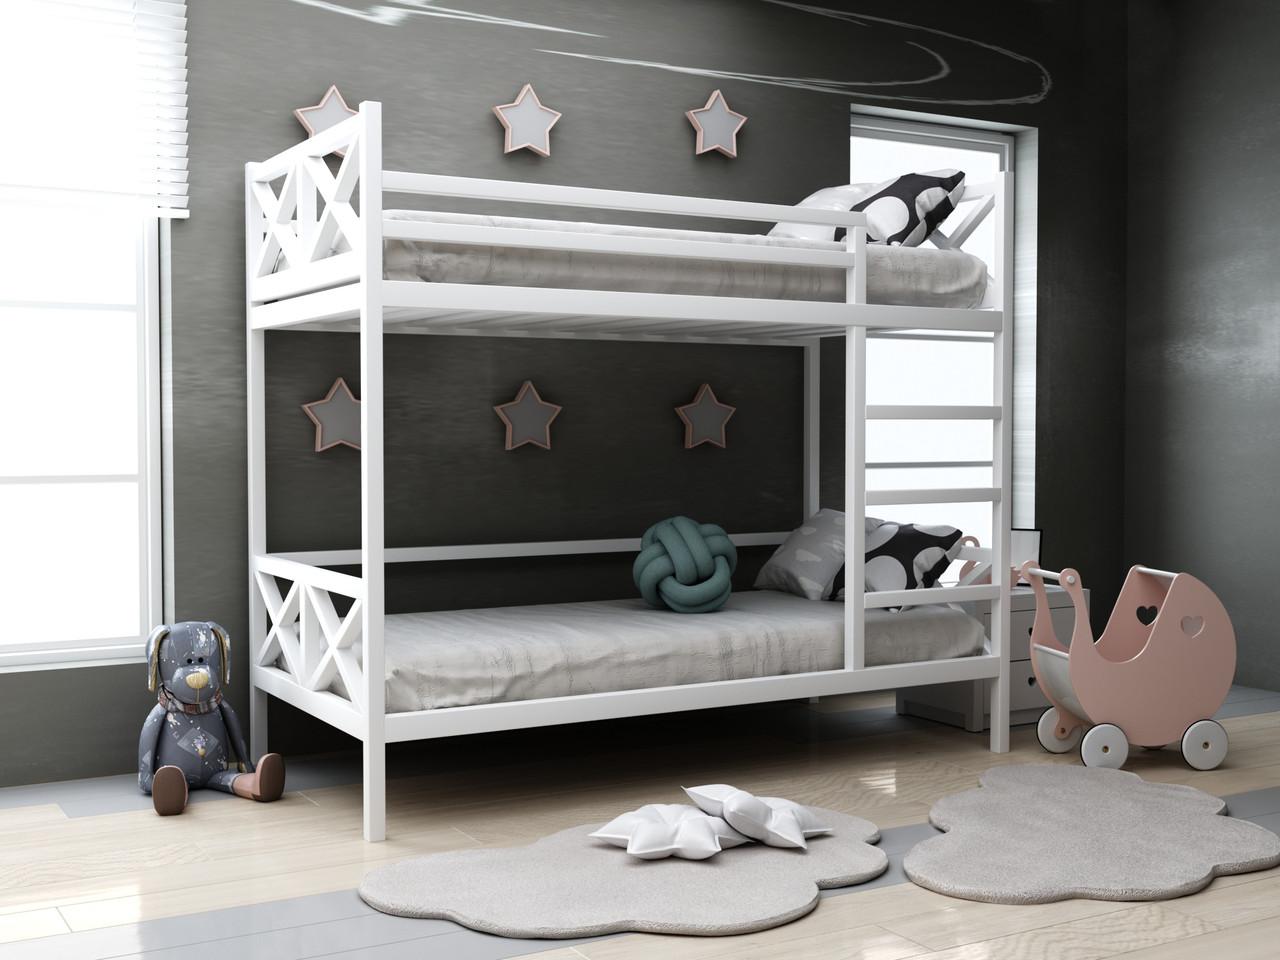 Двох'ярусне ліжко Ліана 80х190 див. ТМ MegaOpt